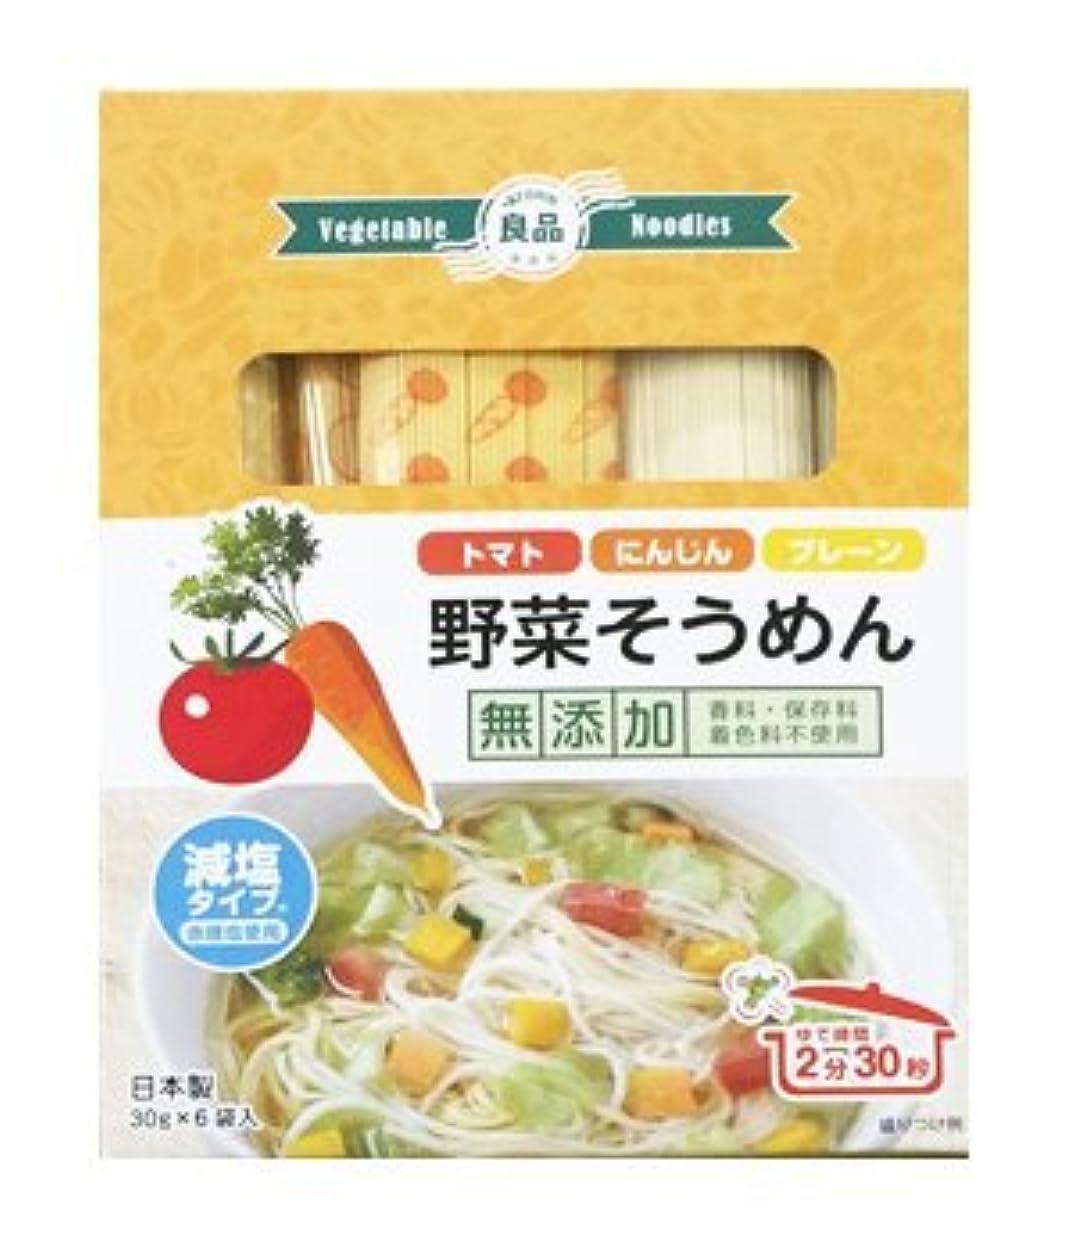 相対サイズ休戦悪化させる良品 野菜そうめん(トマト?にんじん?プレーン) 30g×6袋入